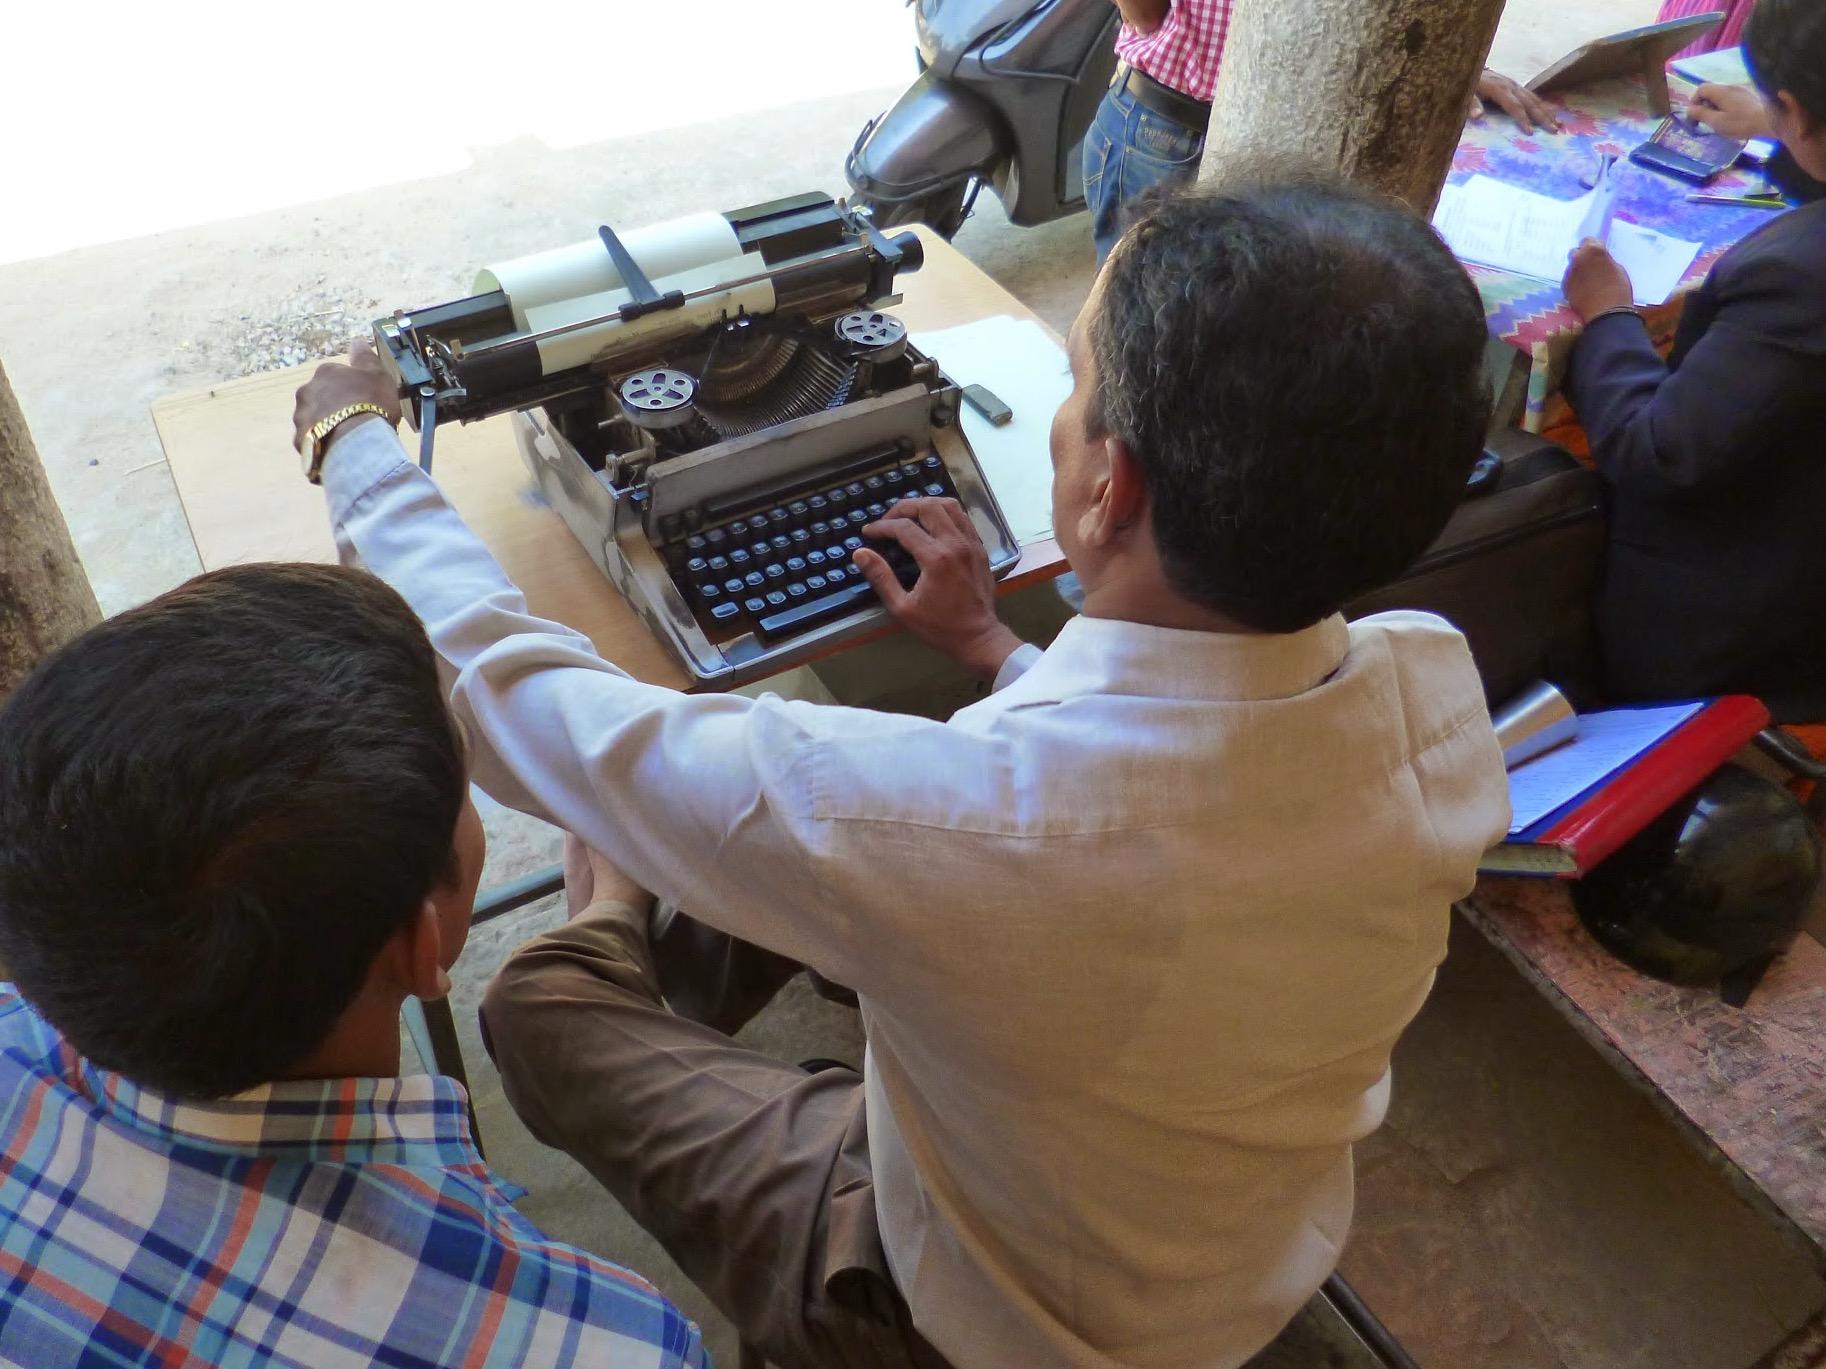 Man working on typewriter, image by Media Helping Media